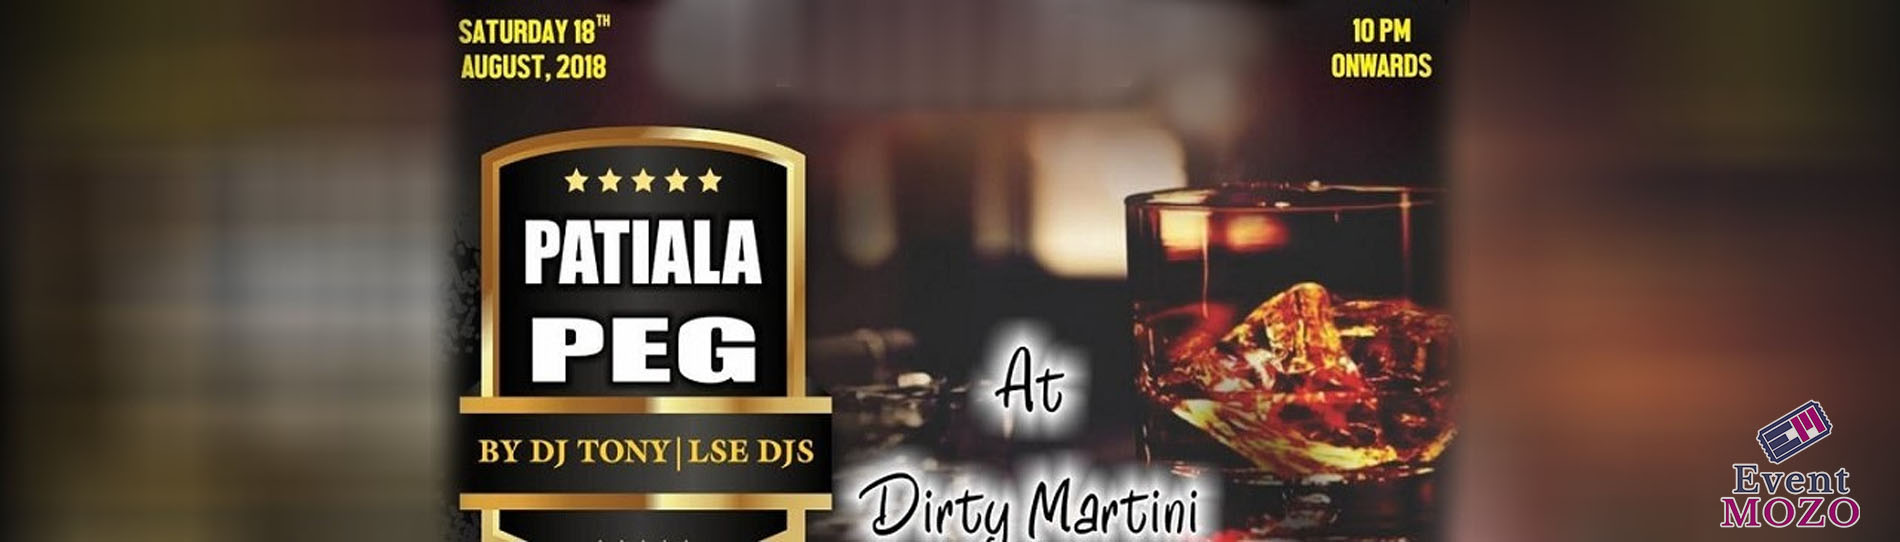 EventMozo Patiala Peg Bollywood Night Party with DJ TONY